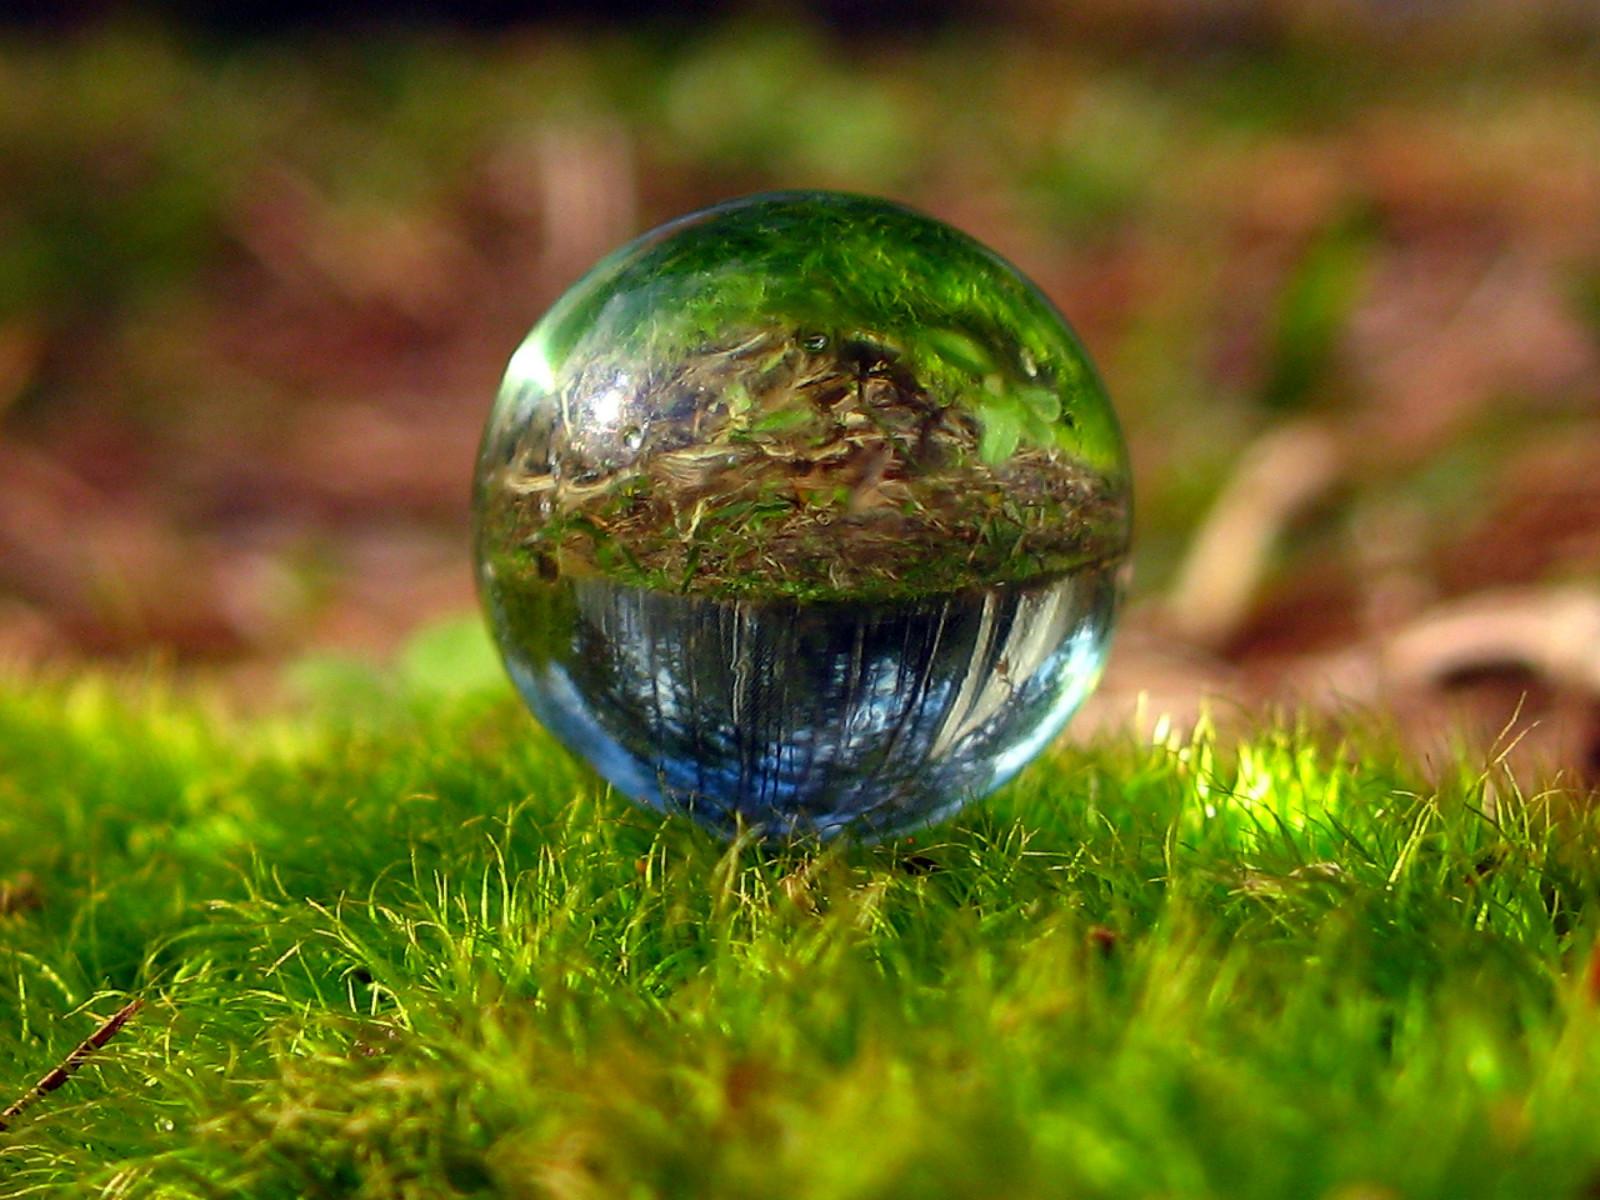 Sfondi Acqua Riflessione Erba Sfera Terra Muschio Verde